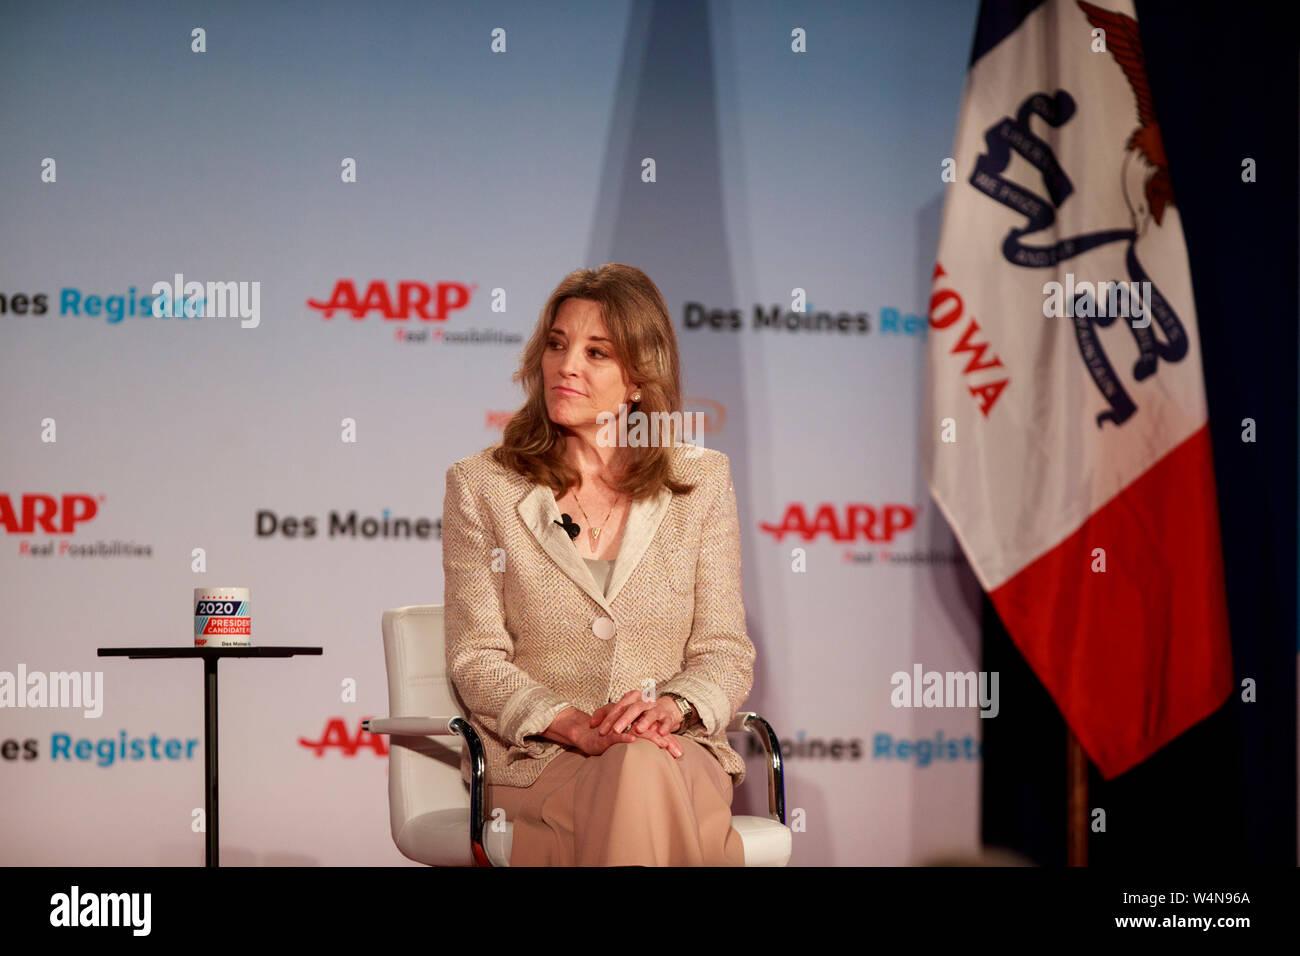 consigli di incontri di AARP